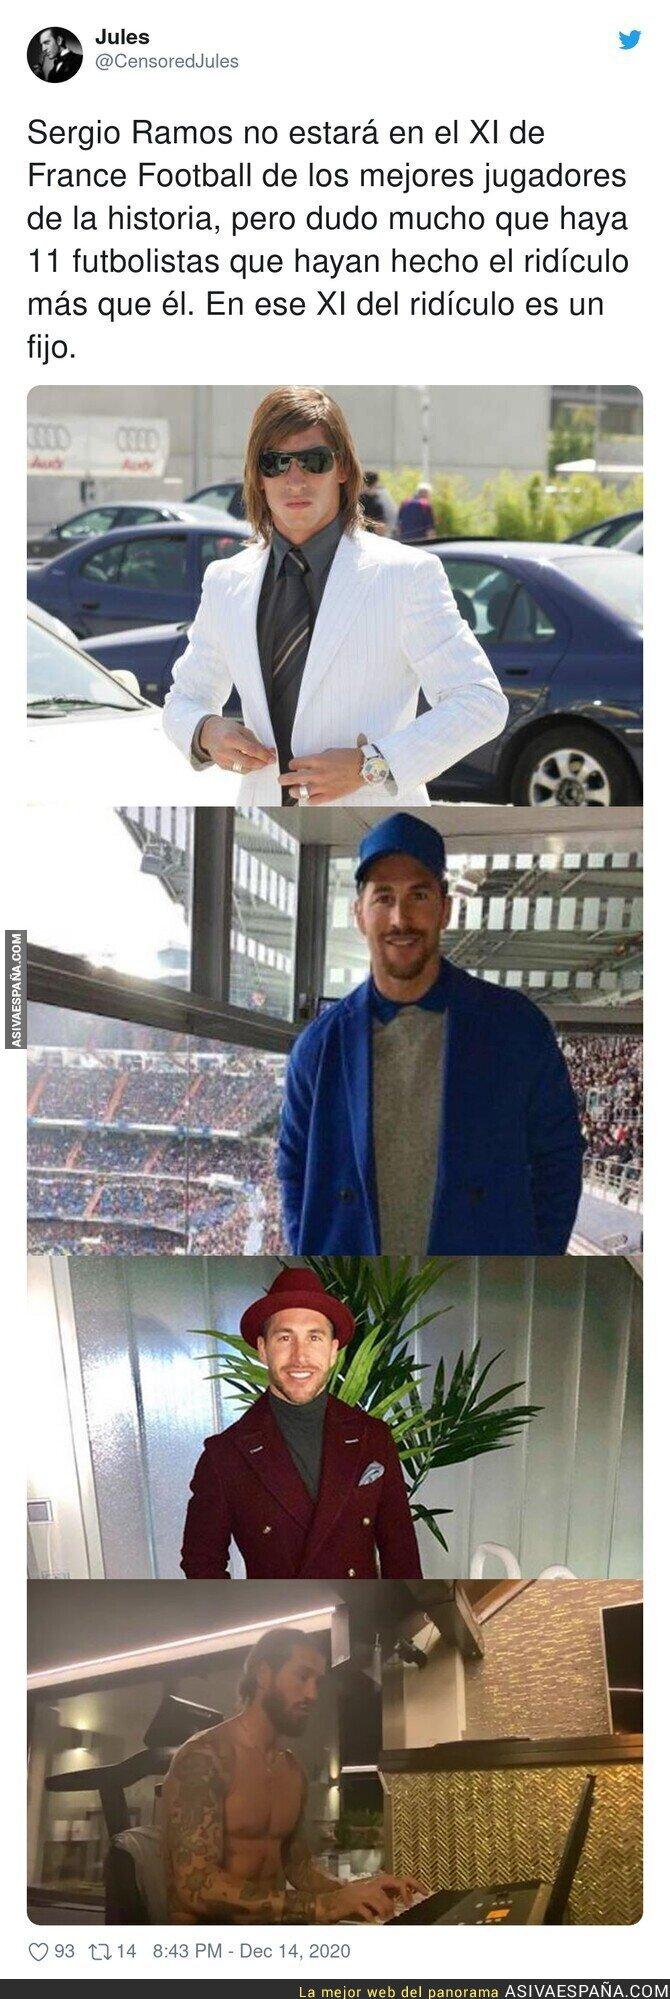 506344 - Menudo historial tiene Sergio Ramos